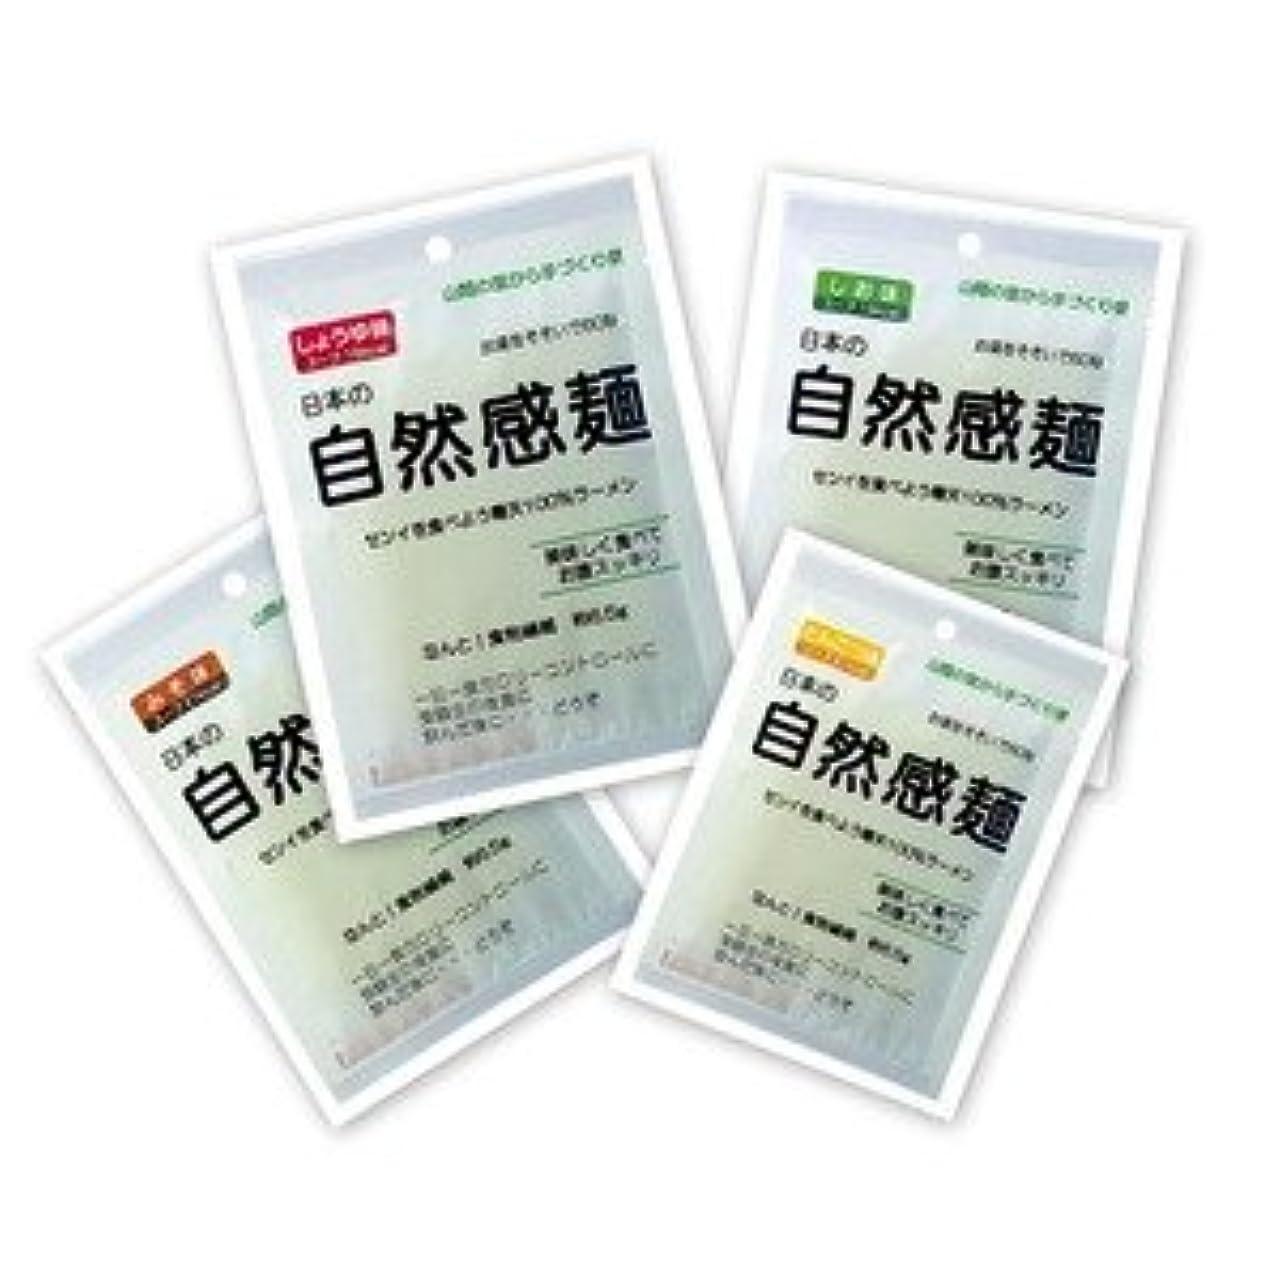 ほとんどの場合参照規則性自然寒天ラーメン/ダイエット食品 【4味5食セット】 しょうゆ味?みそ味?しお味?とんこつ味 日本製